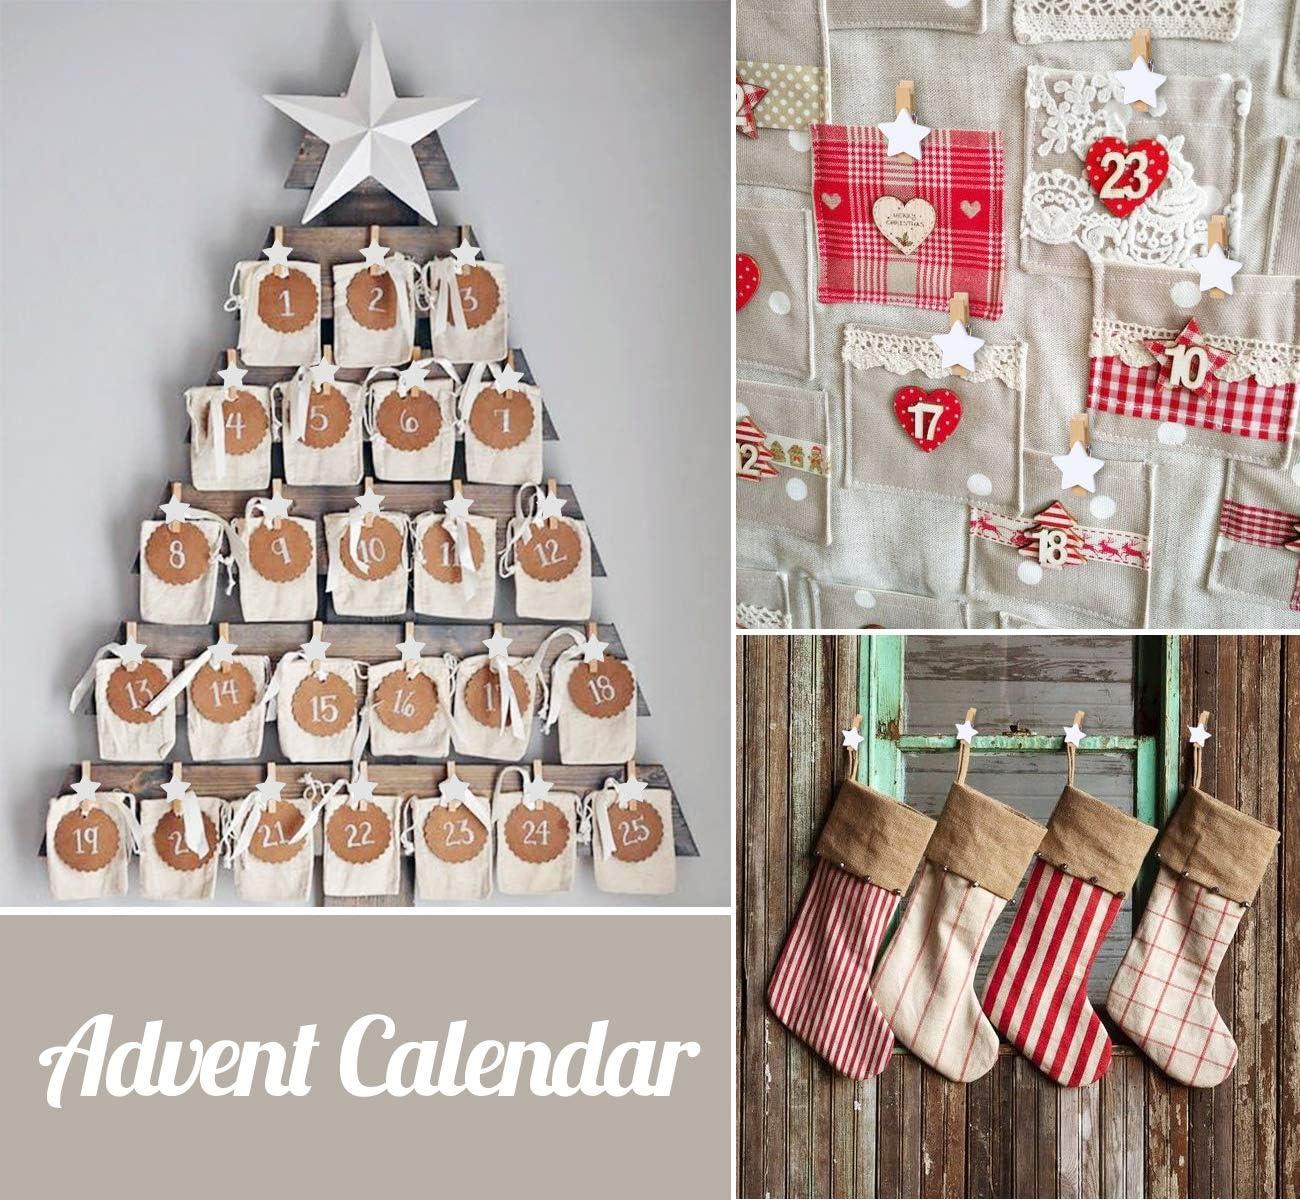 ABSOFINE 100 St/ück Sternen W/äscheklammer Holz Weihnachten Holzklammern zum Foto Kleine Handwerk klammern f/ür Party Weihnachten Dekoration Hochzeit